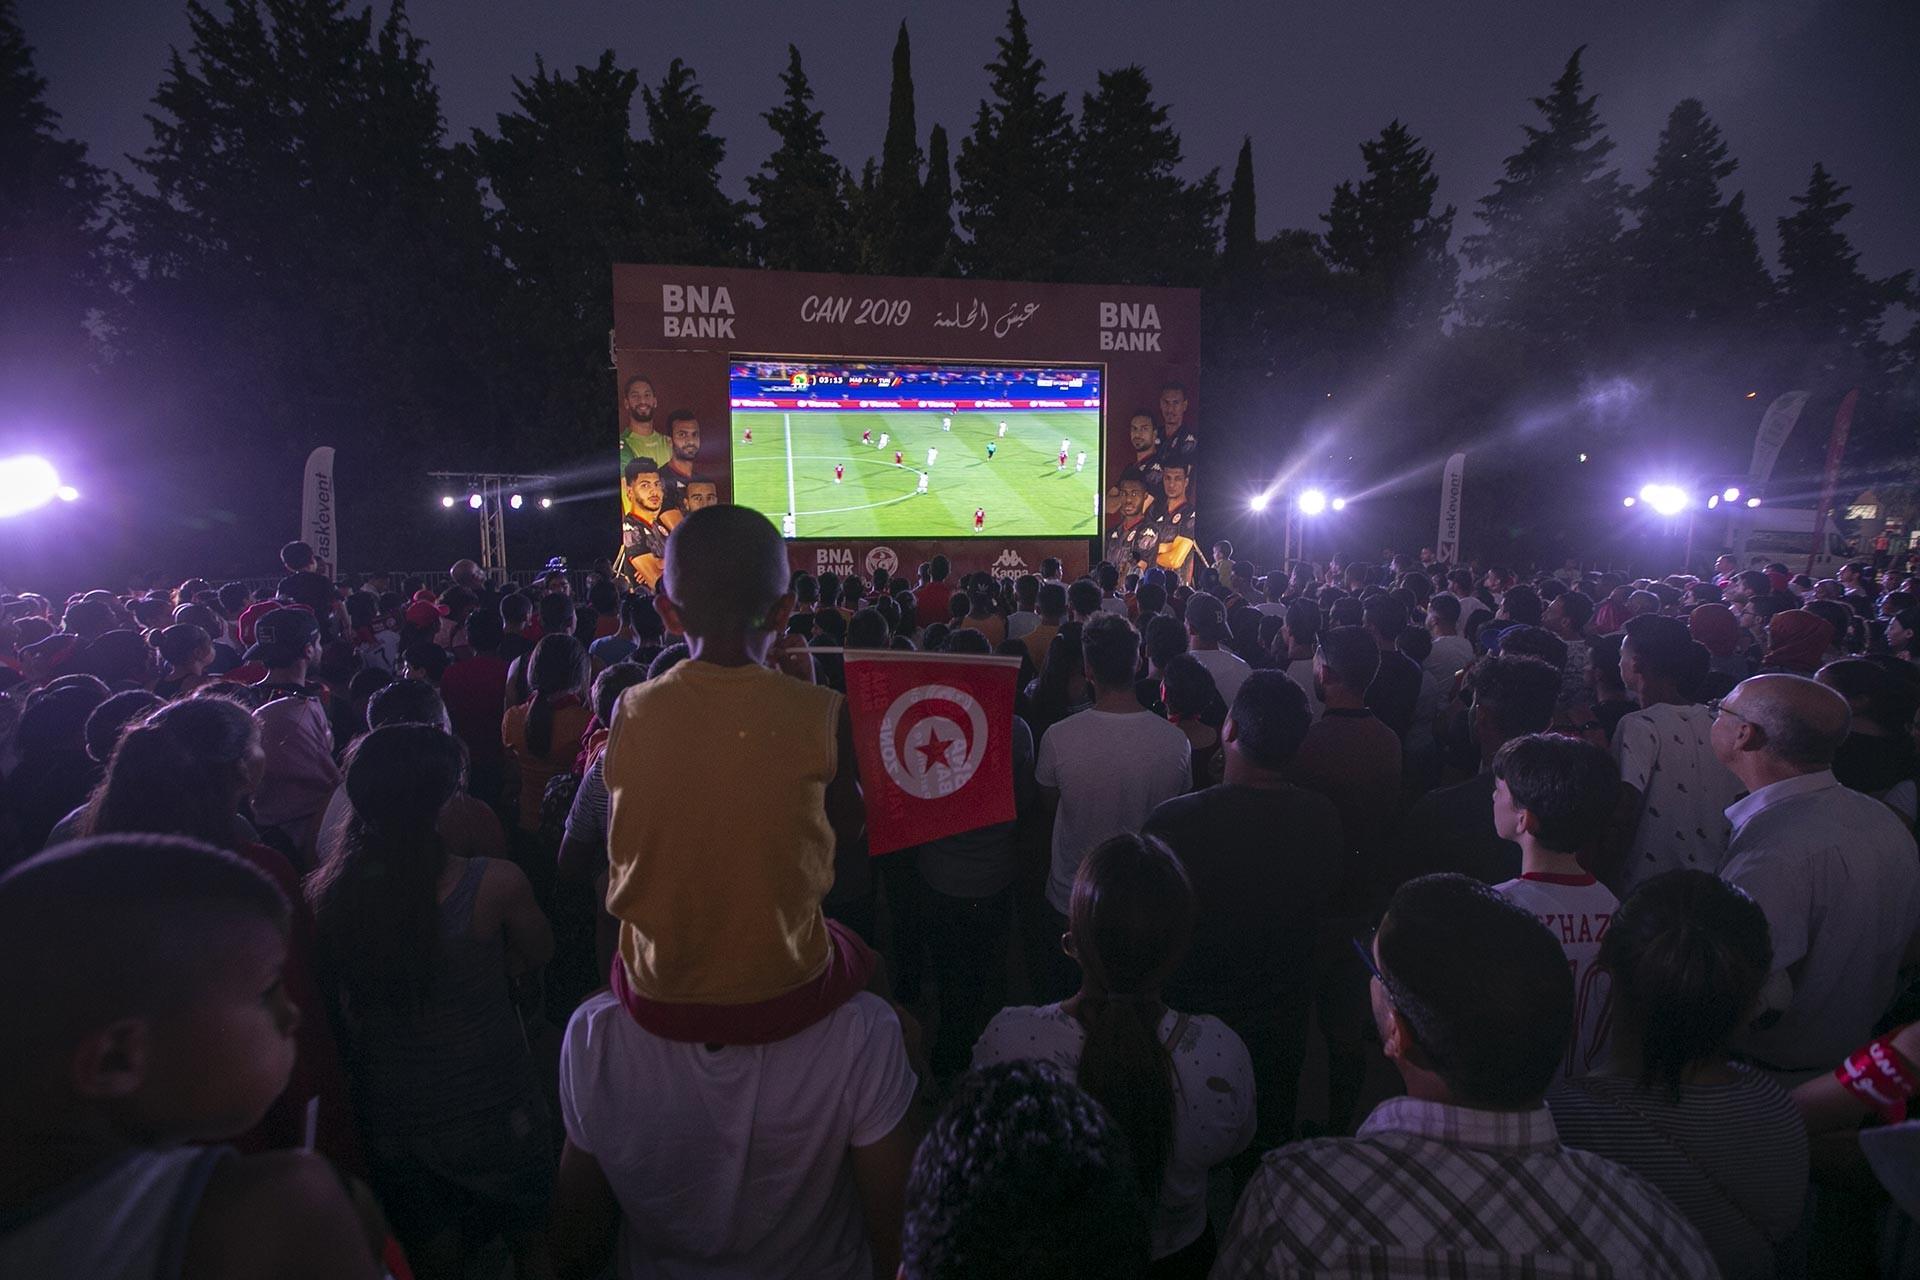 Tunuslu futbolseverler, Madagaskar maçını kurulan dev ekranda izledi